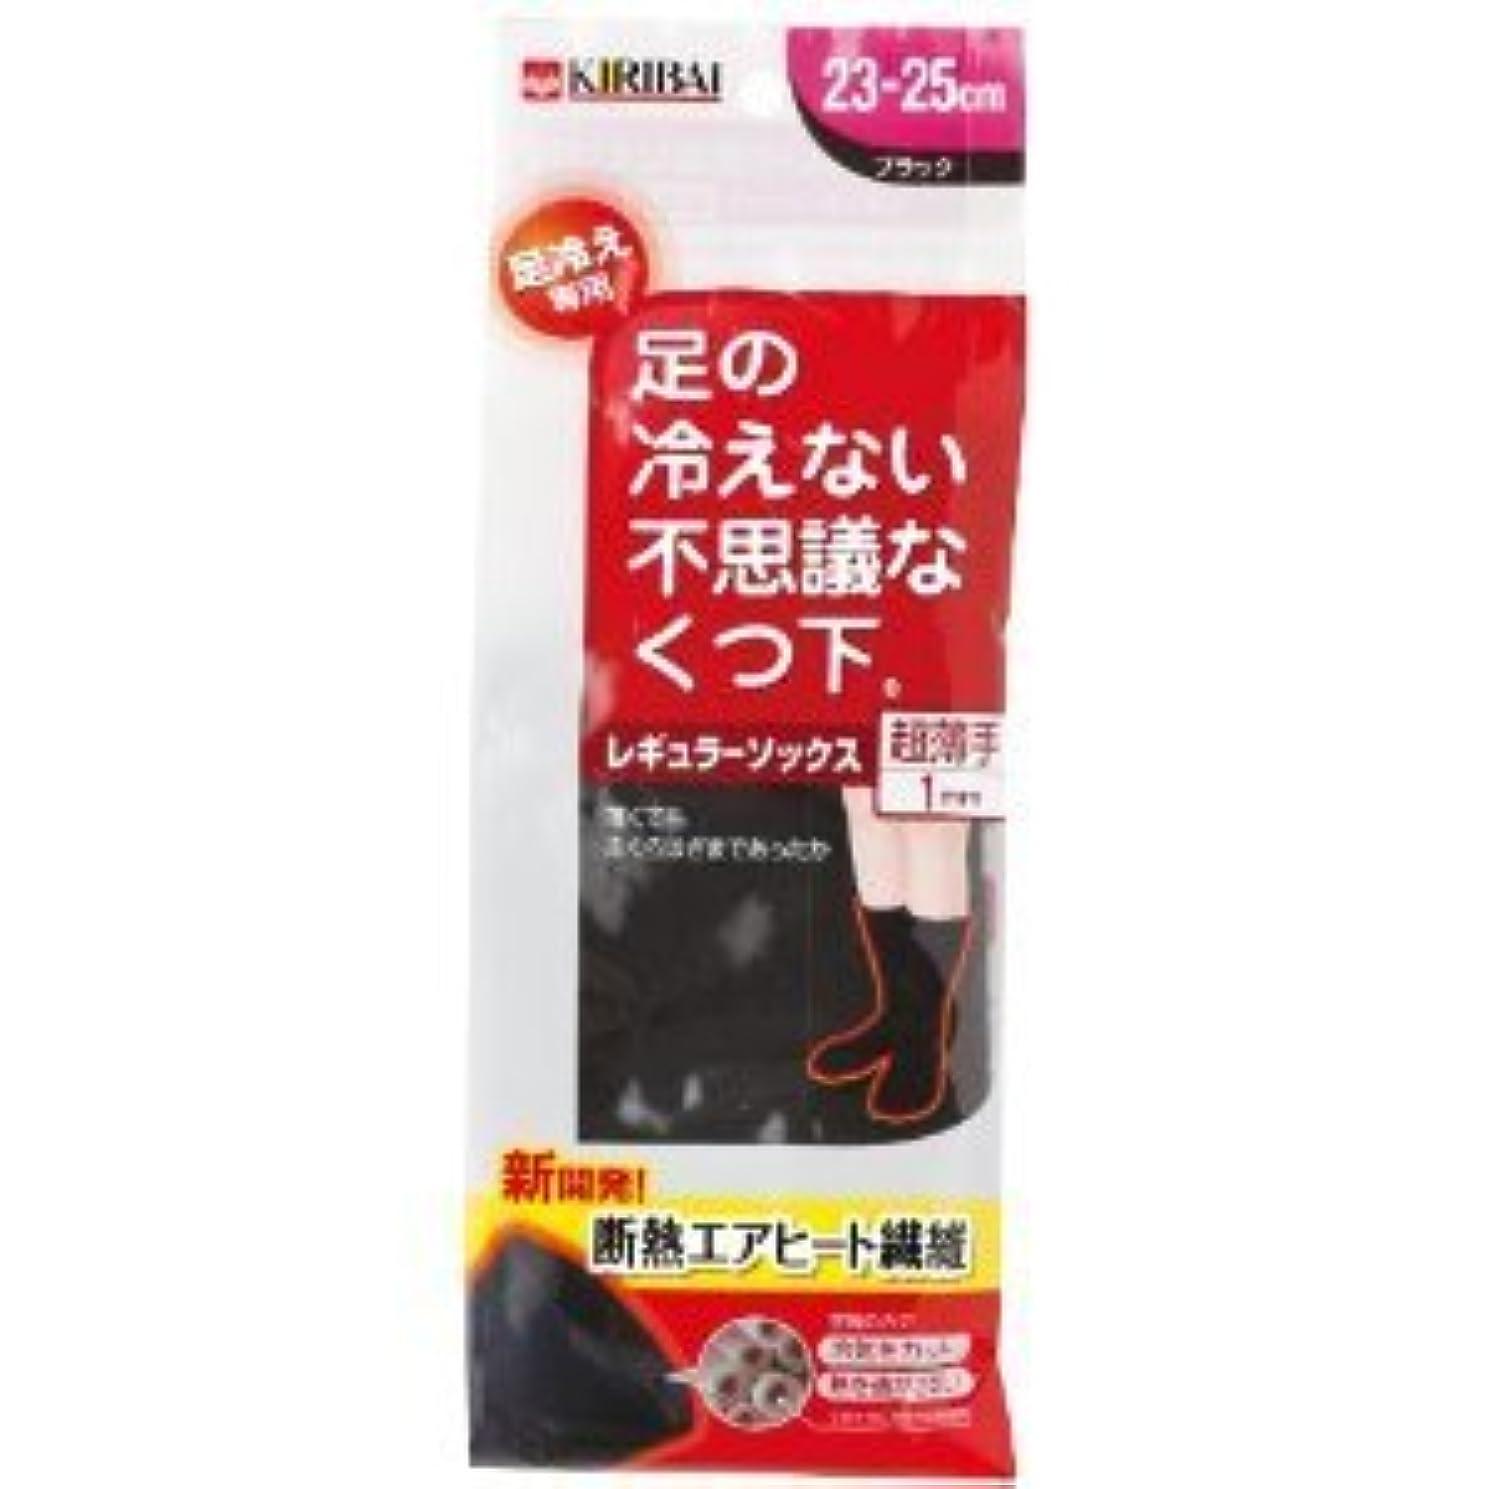 頑張るおばあさんレンダー足の冷えない不思議なくつ下 レギュラーソックス 超薄手 ブラック 23-25cm×2個